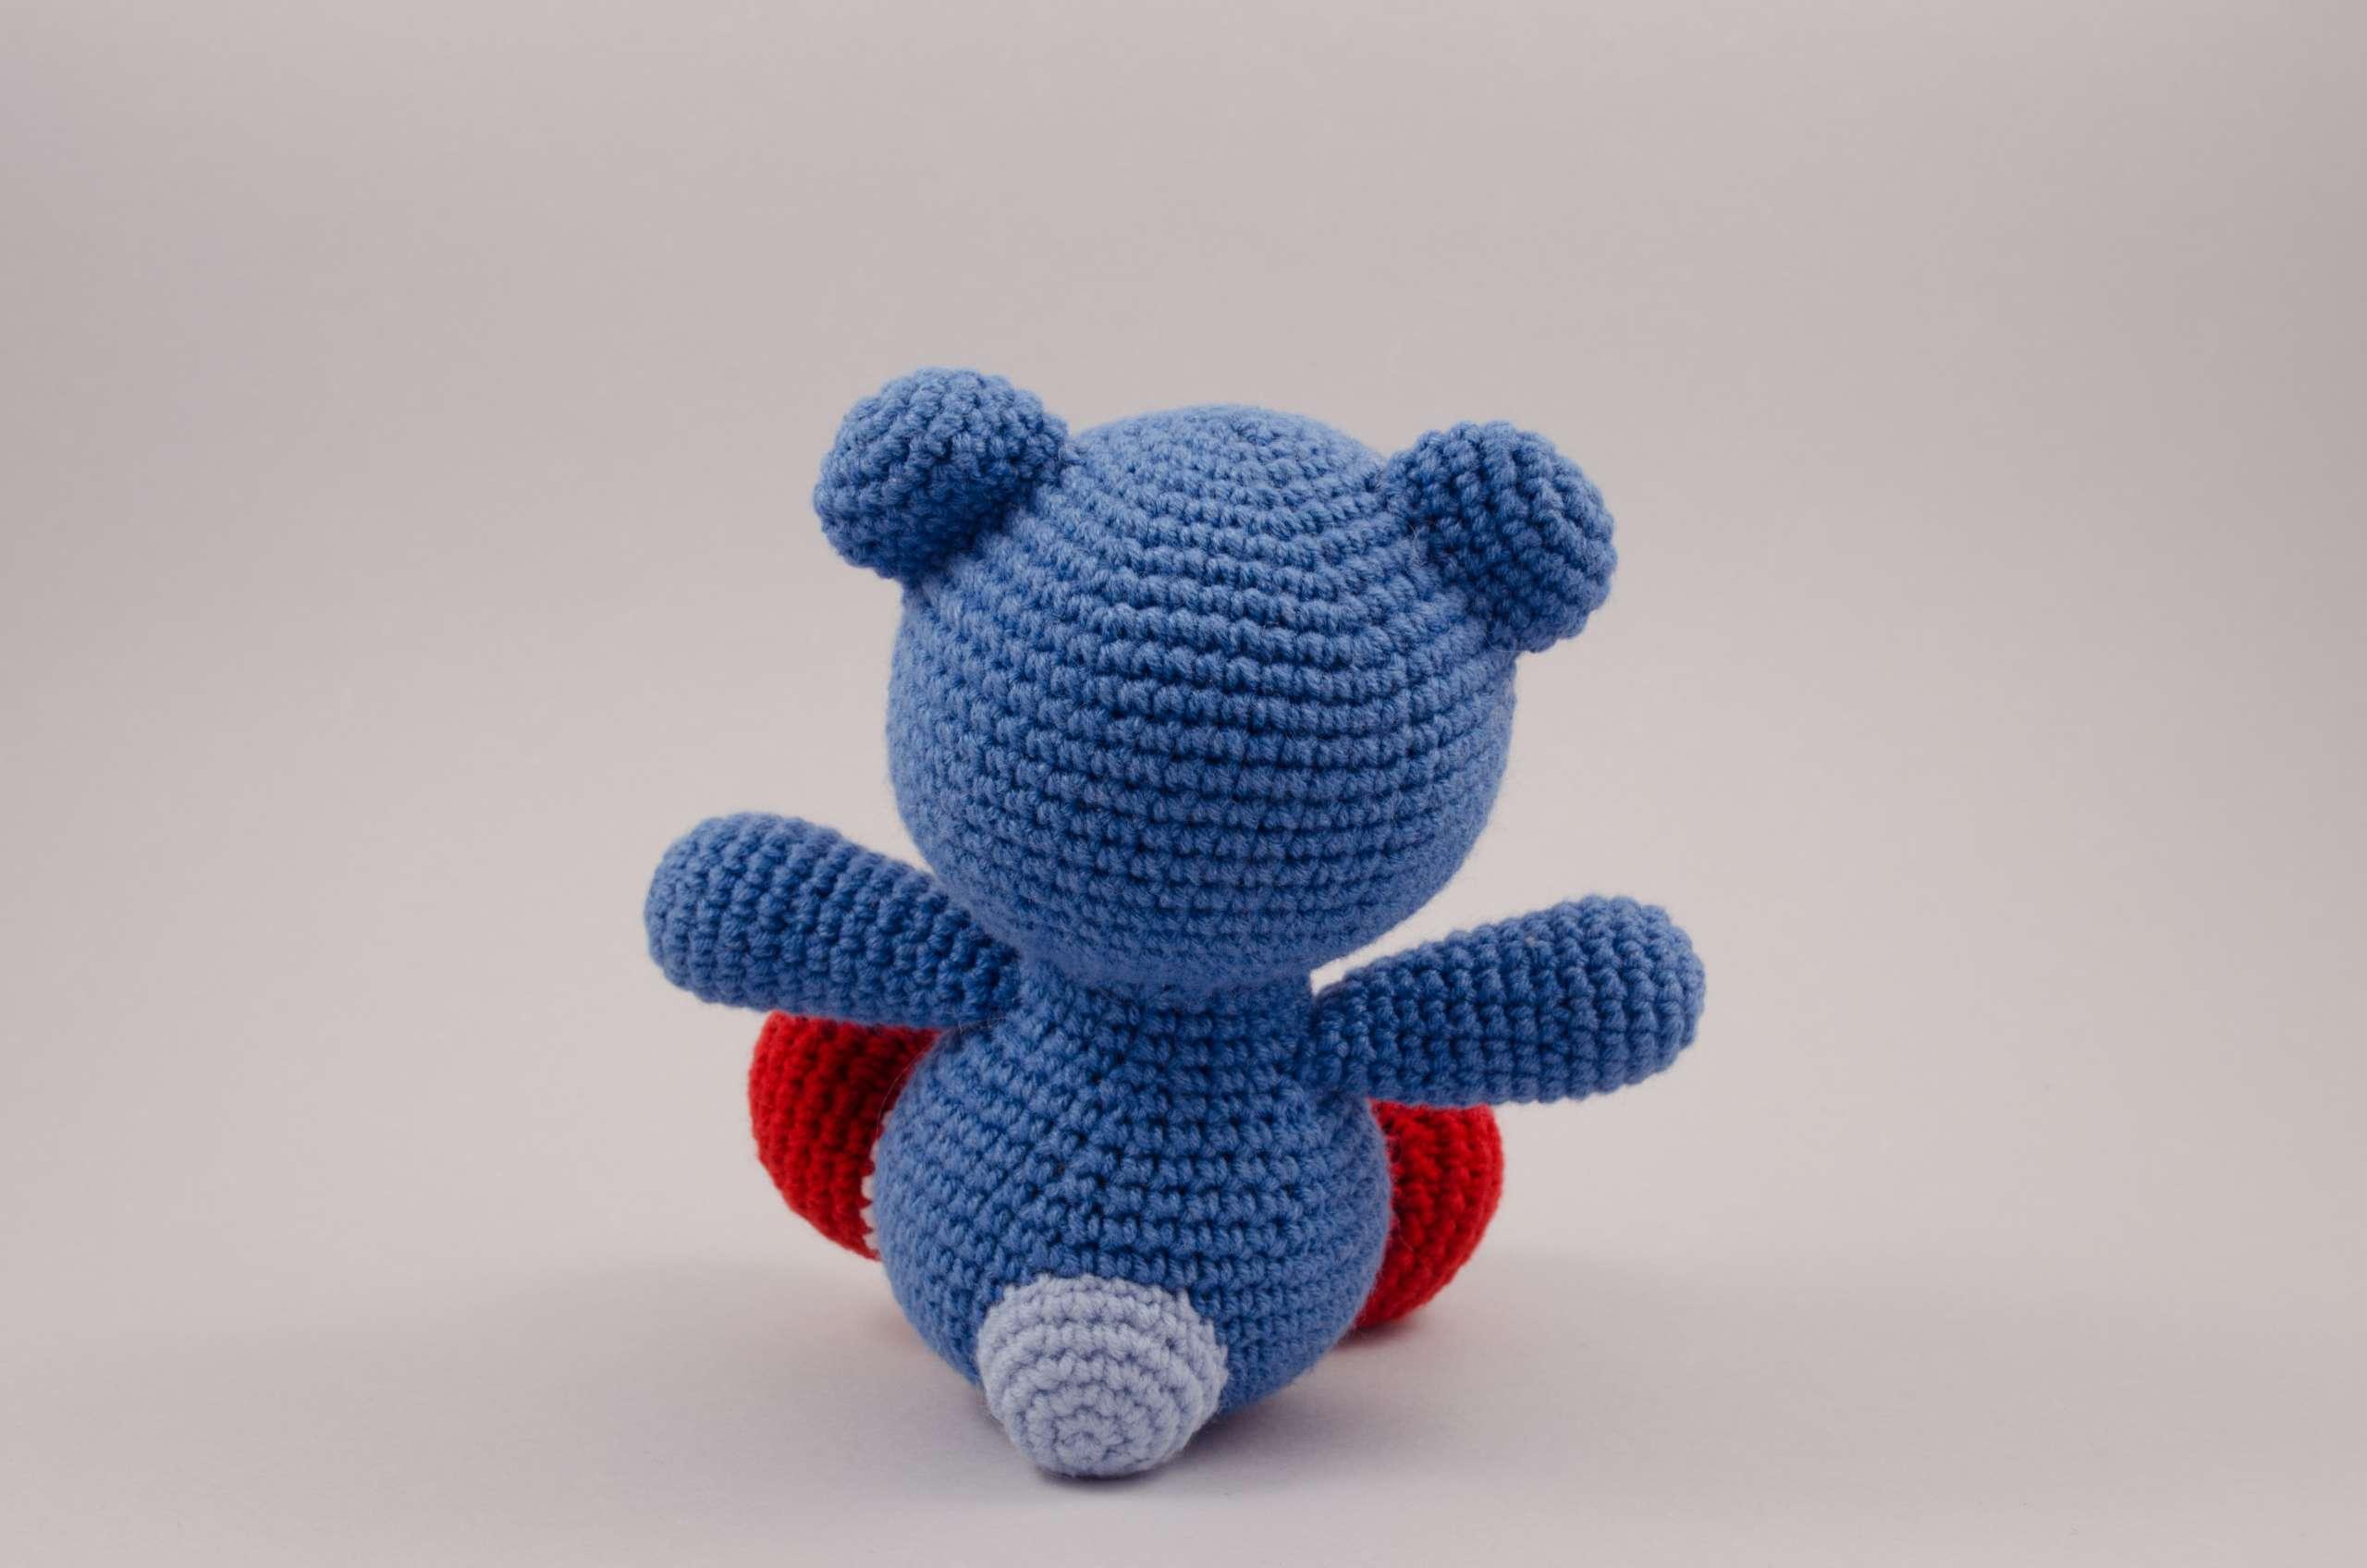 crochet teddy bear back view